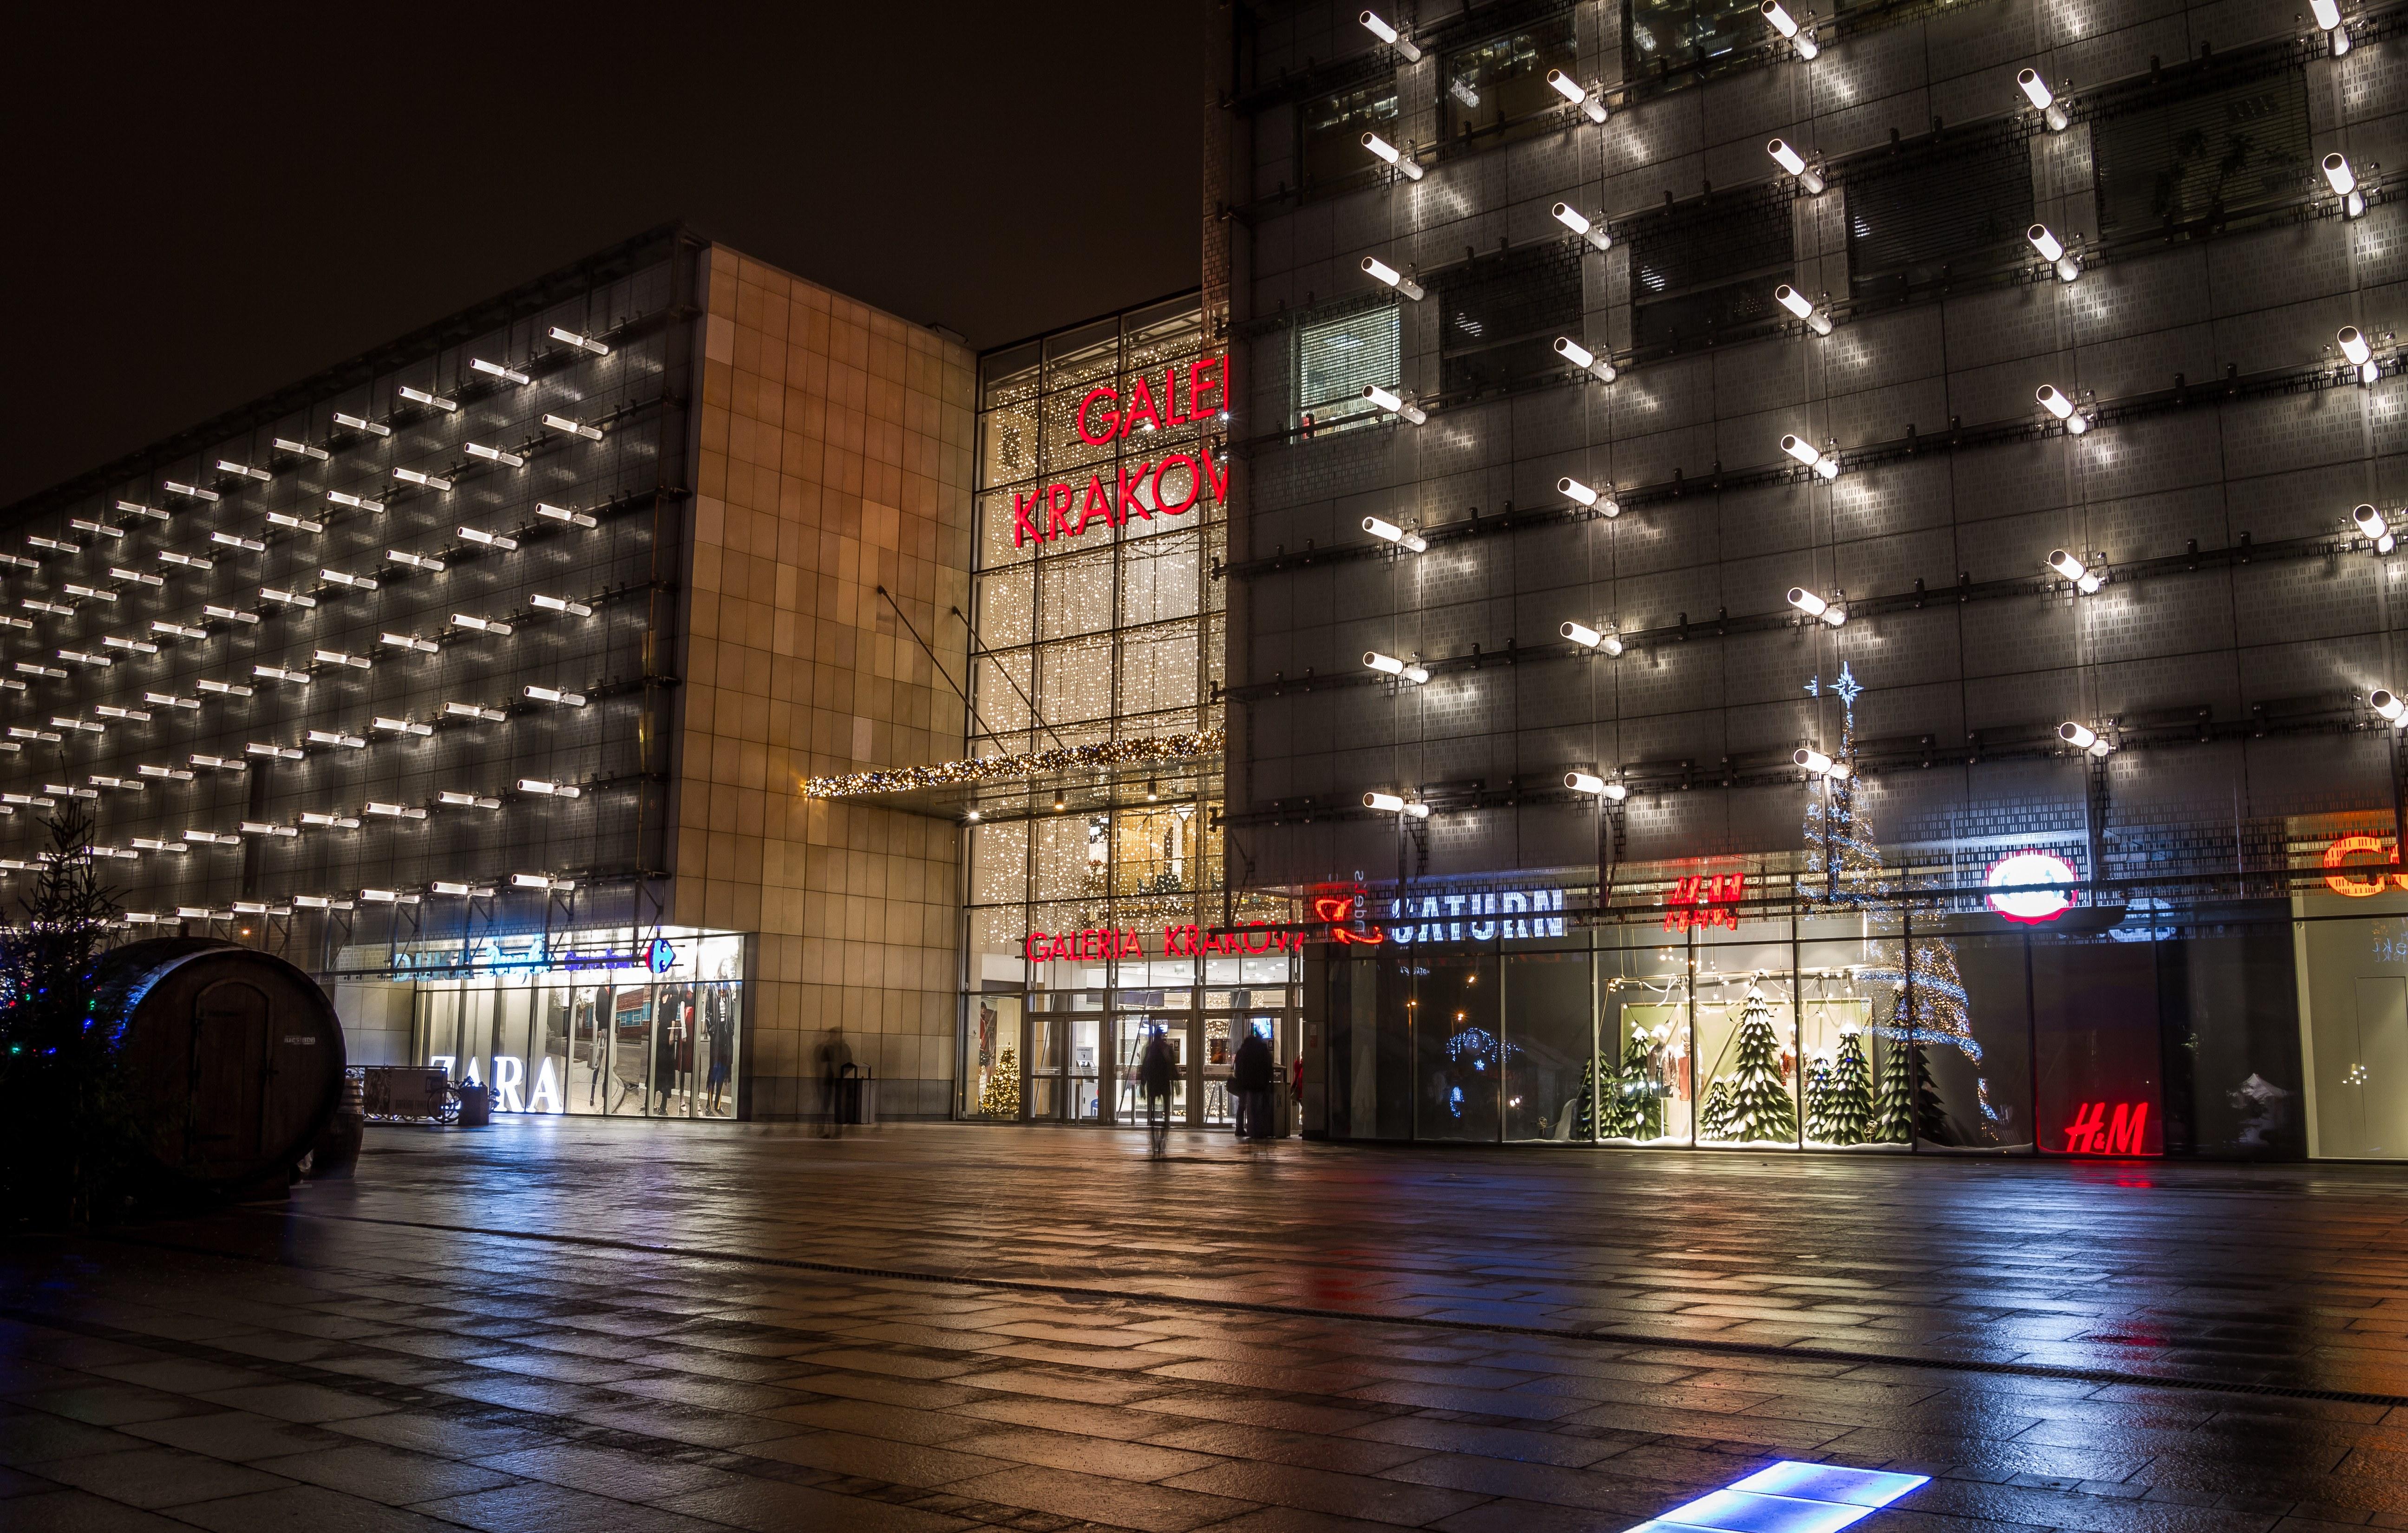 Galeria Krakowska Shopping Mall, Krakow, Poland, Architecture, Krakow, Travel, Supermarket, HQ Photo